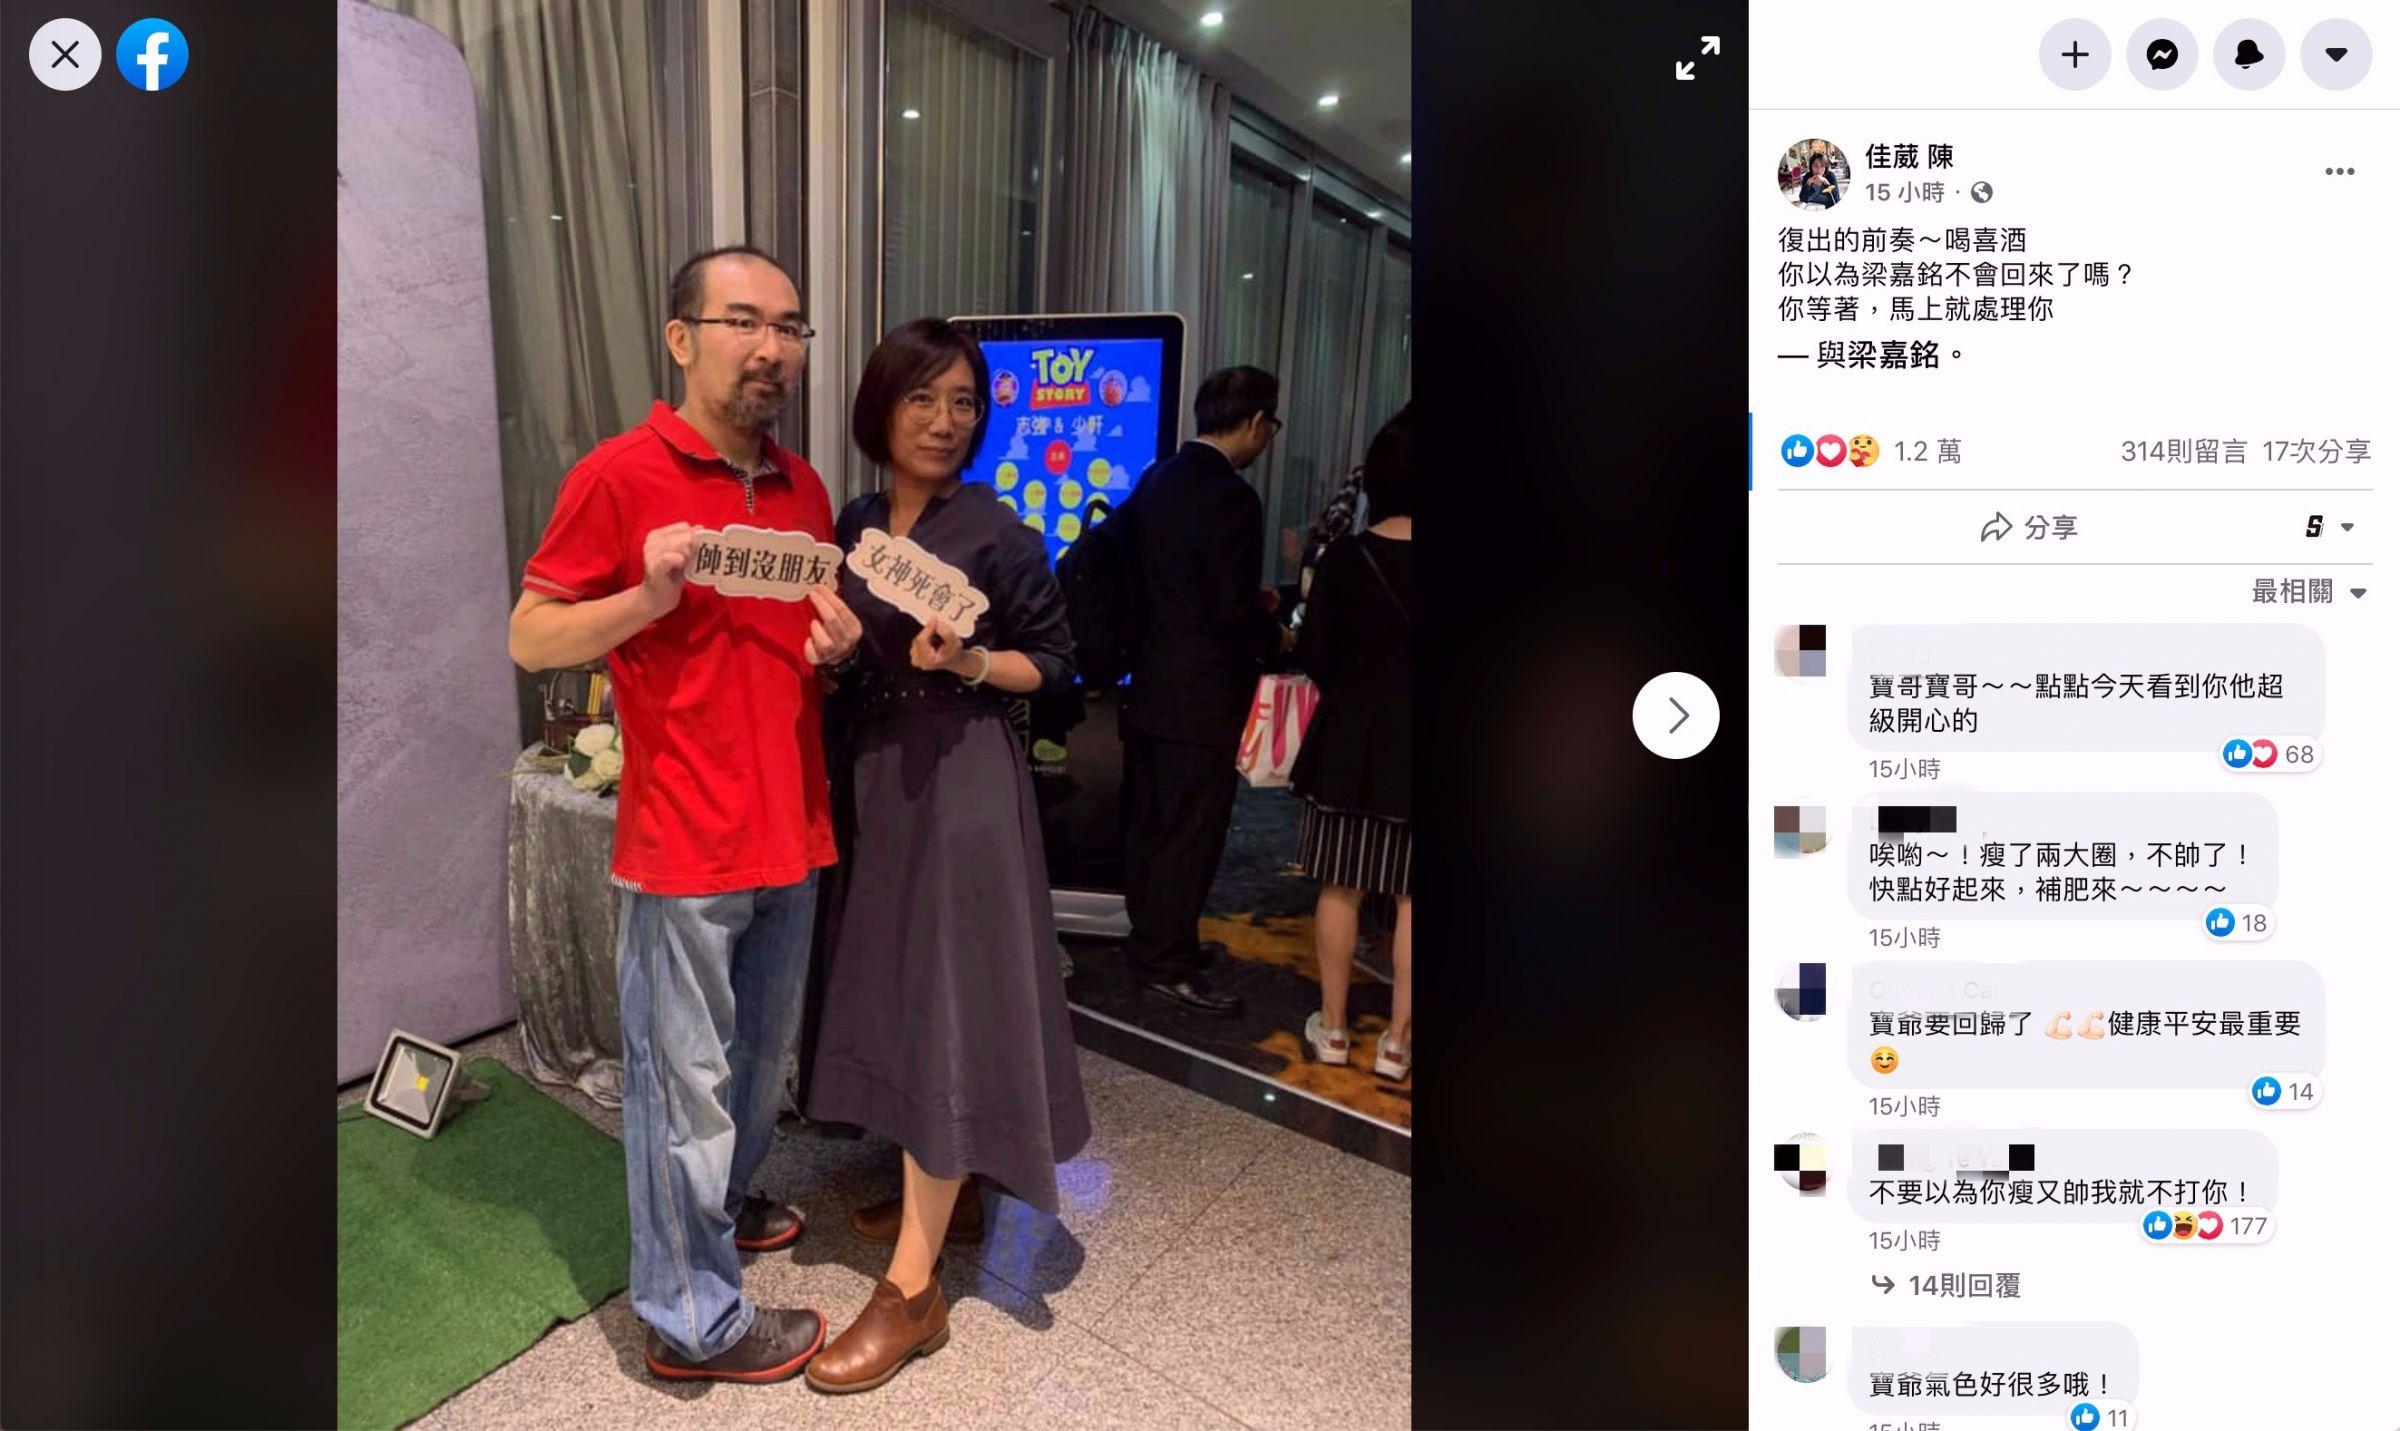 寶爺近況曝光!中風後「消瘦模樣」惹網心疼 老婆臉書公布喜訊:復出前奏